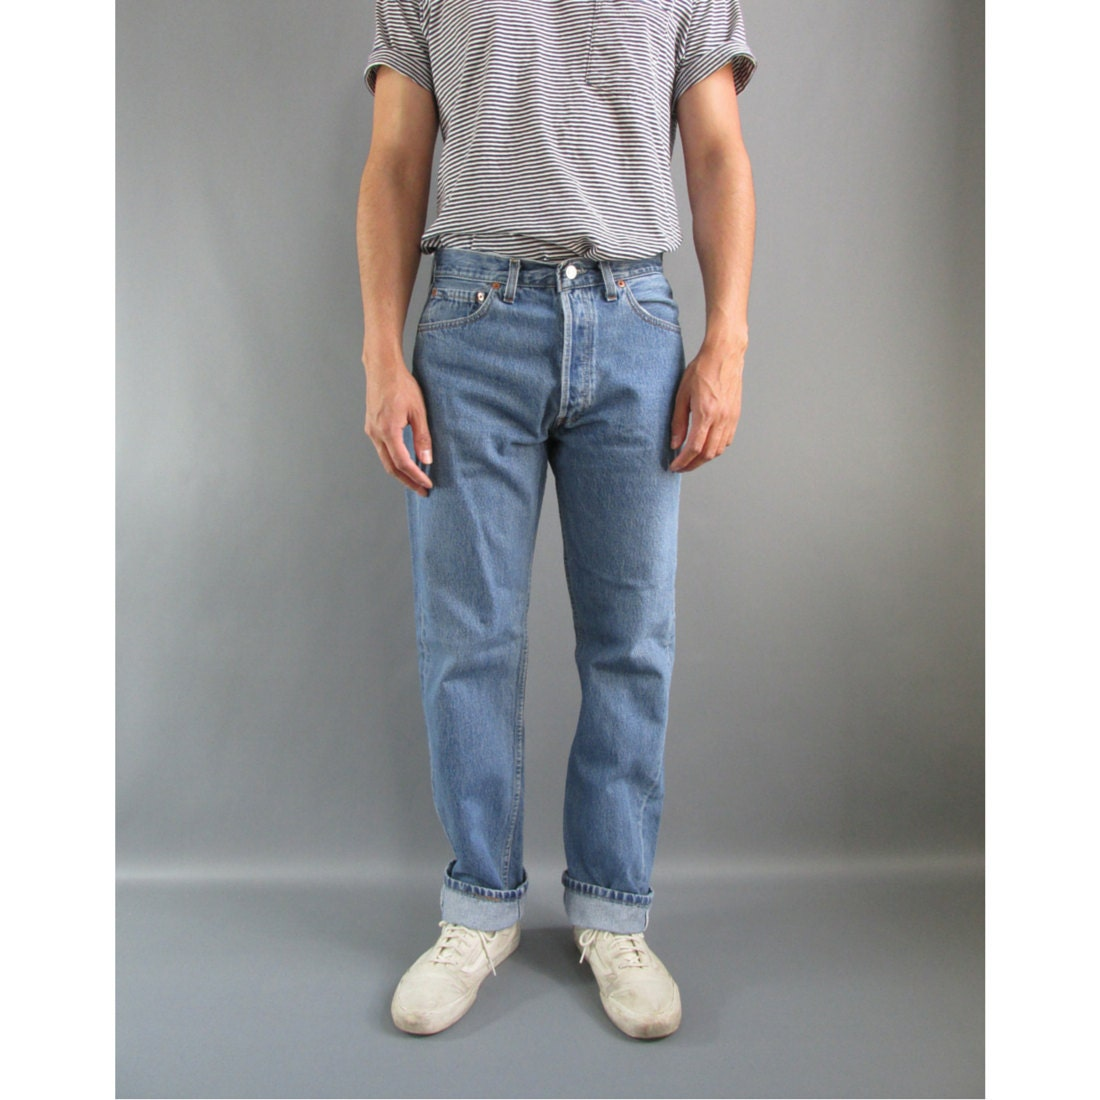 Levis vintage 539 jeans droits